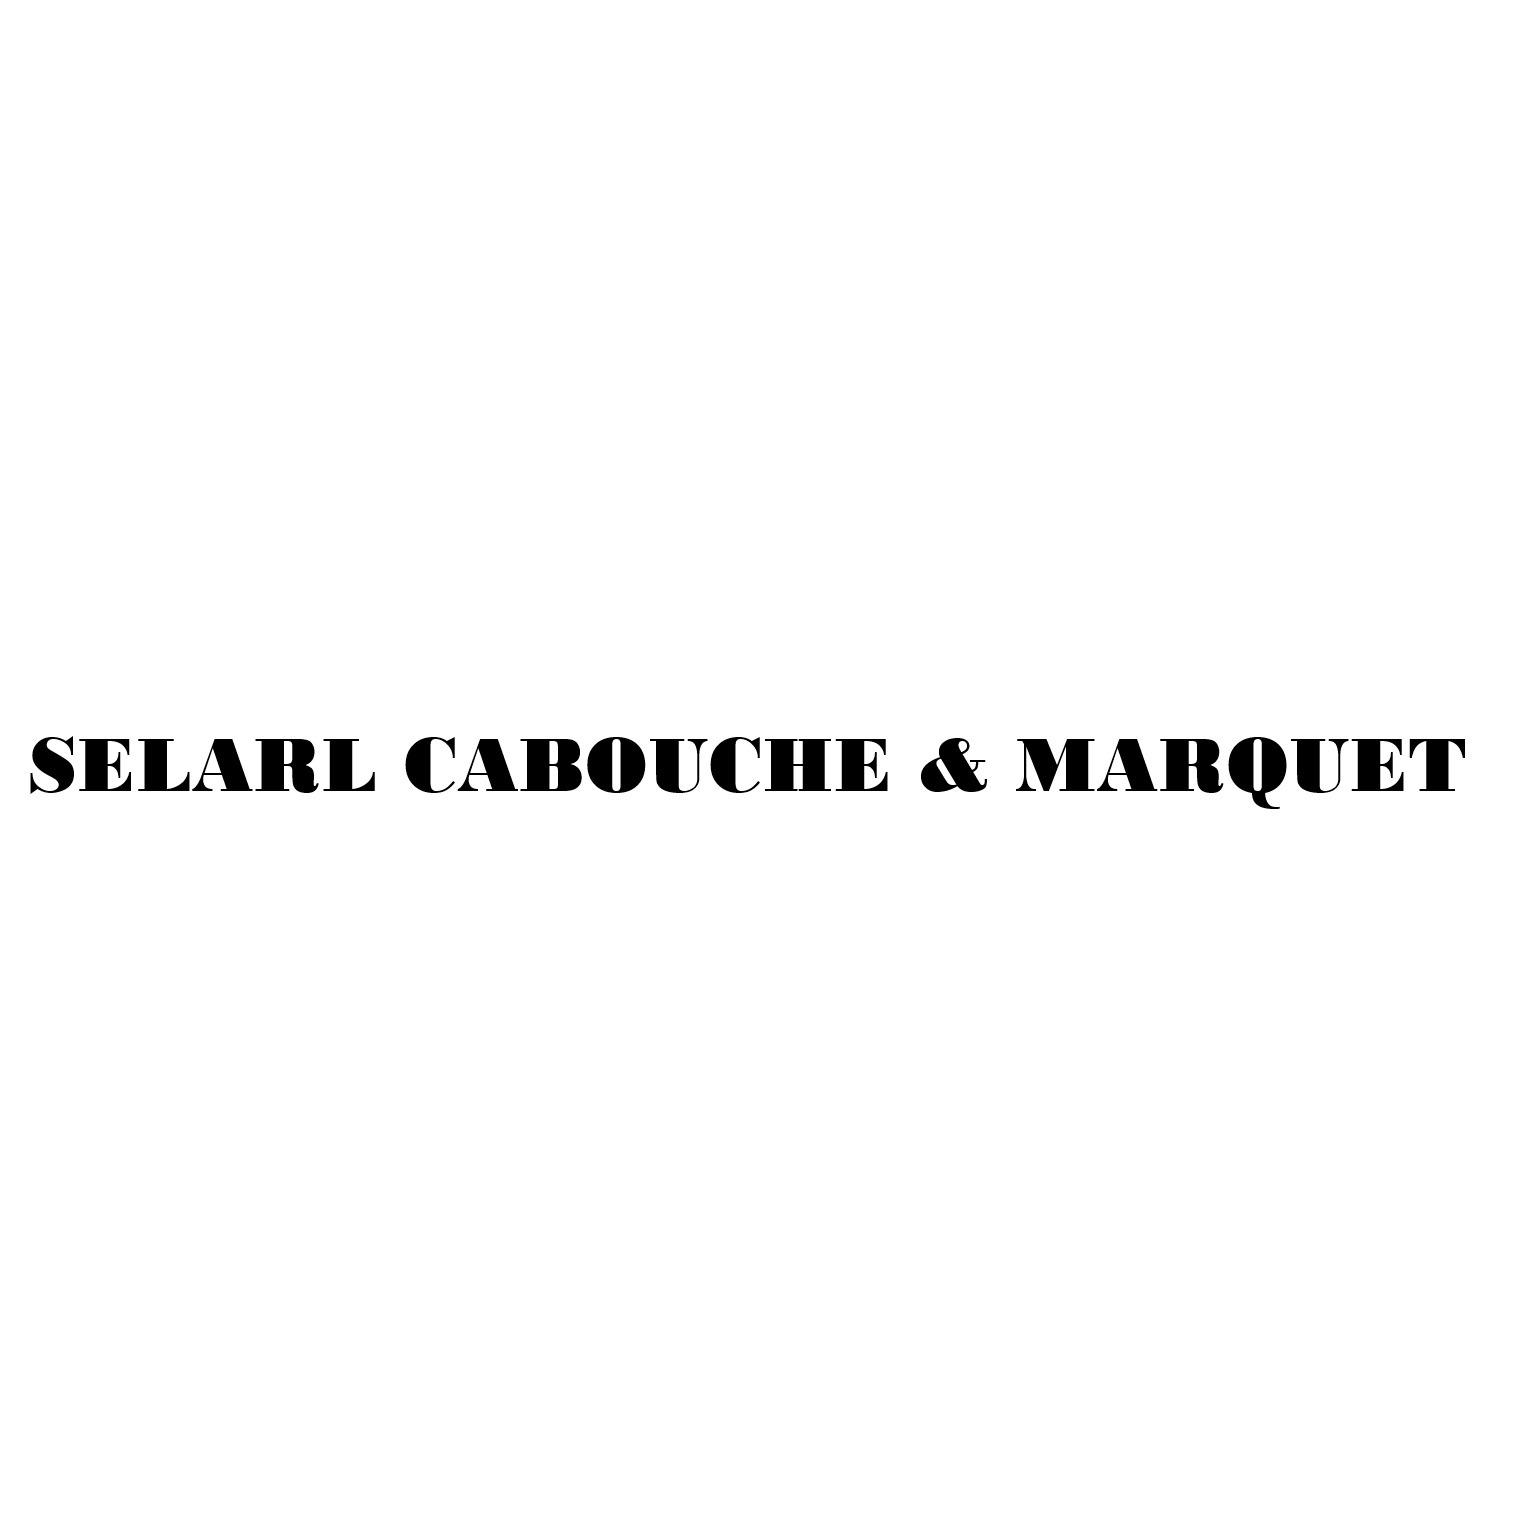 the Cabouche & Marquet logo.